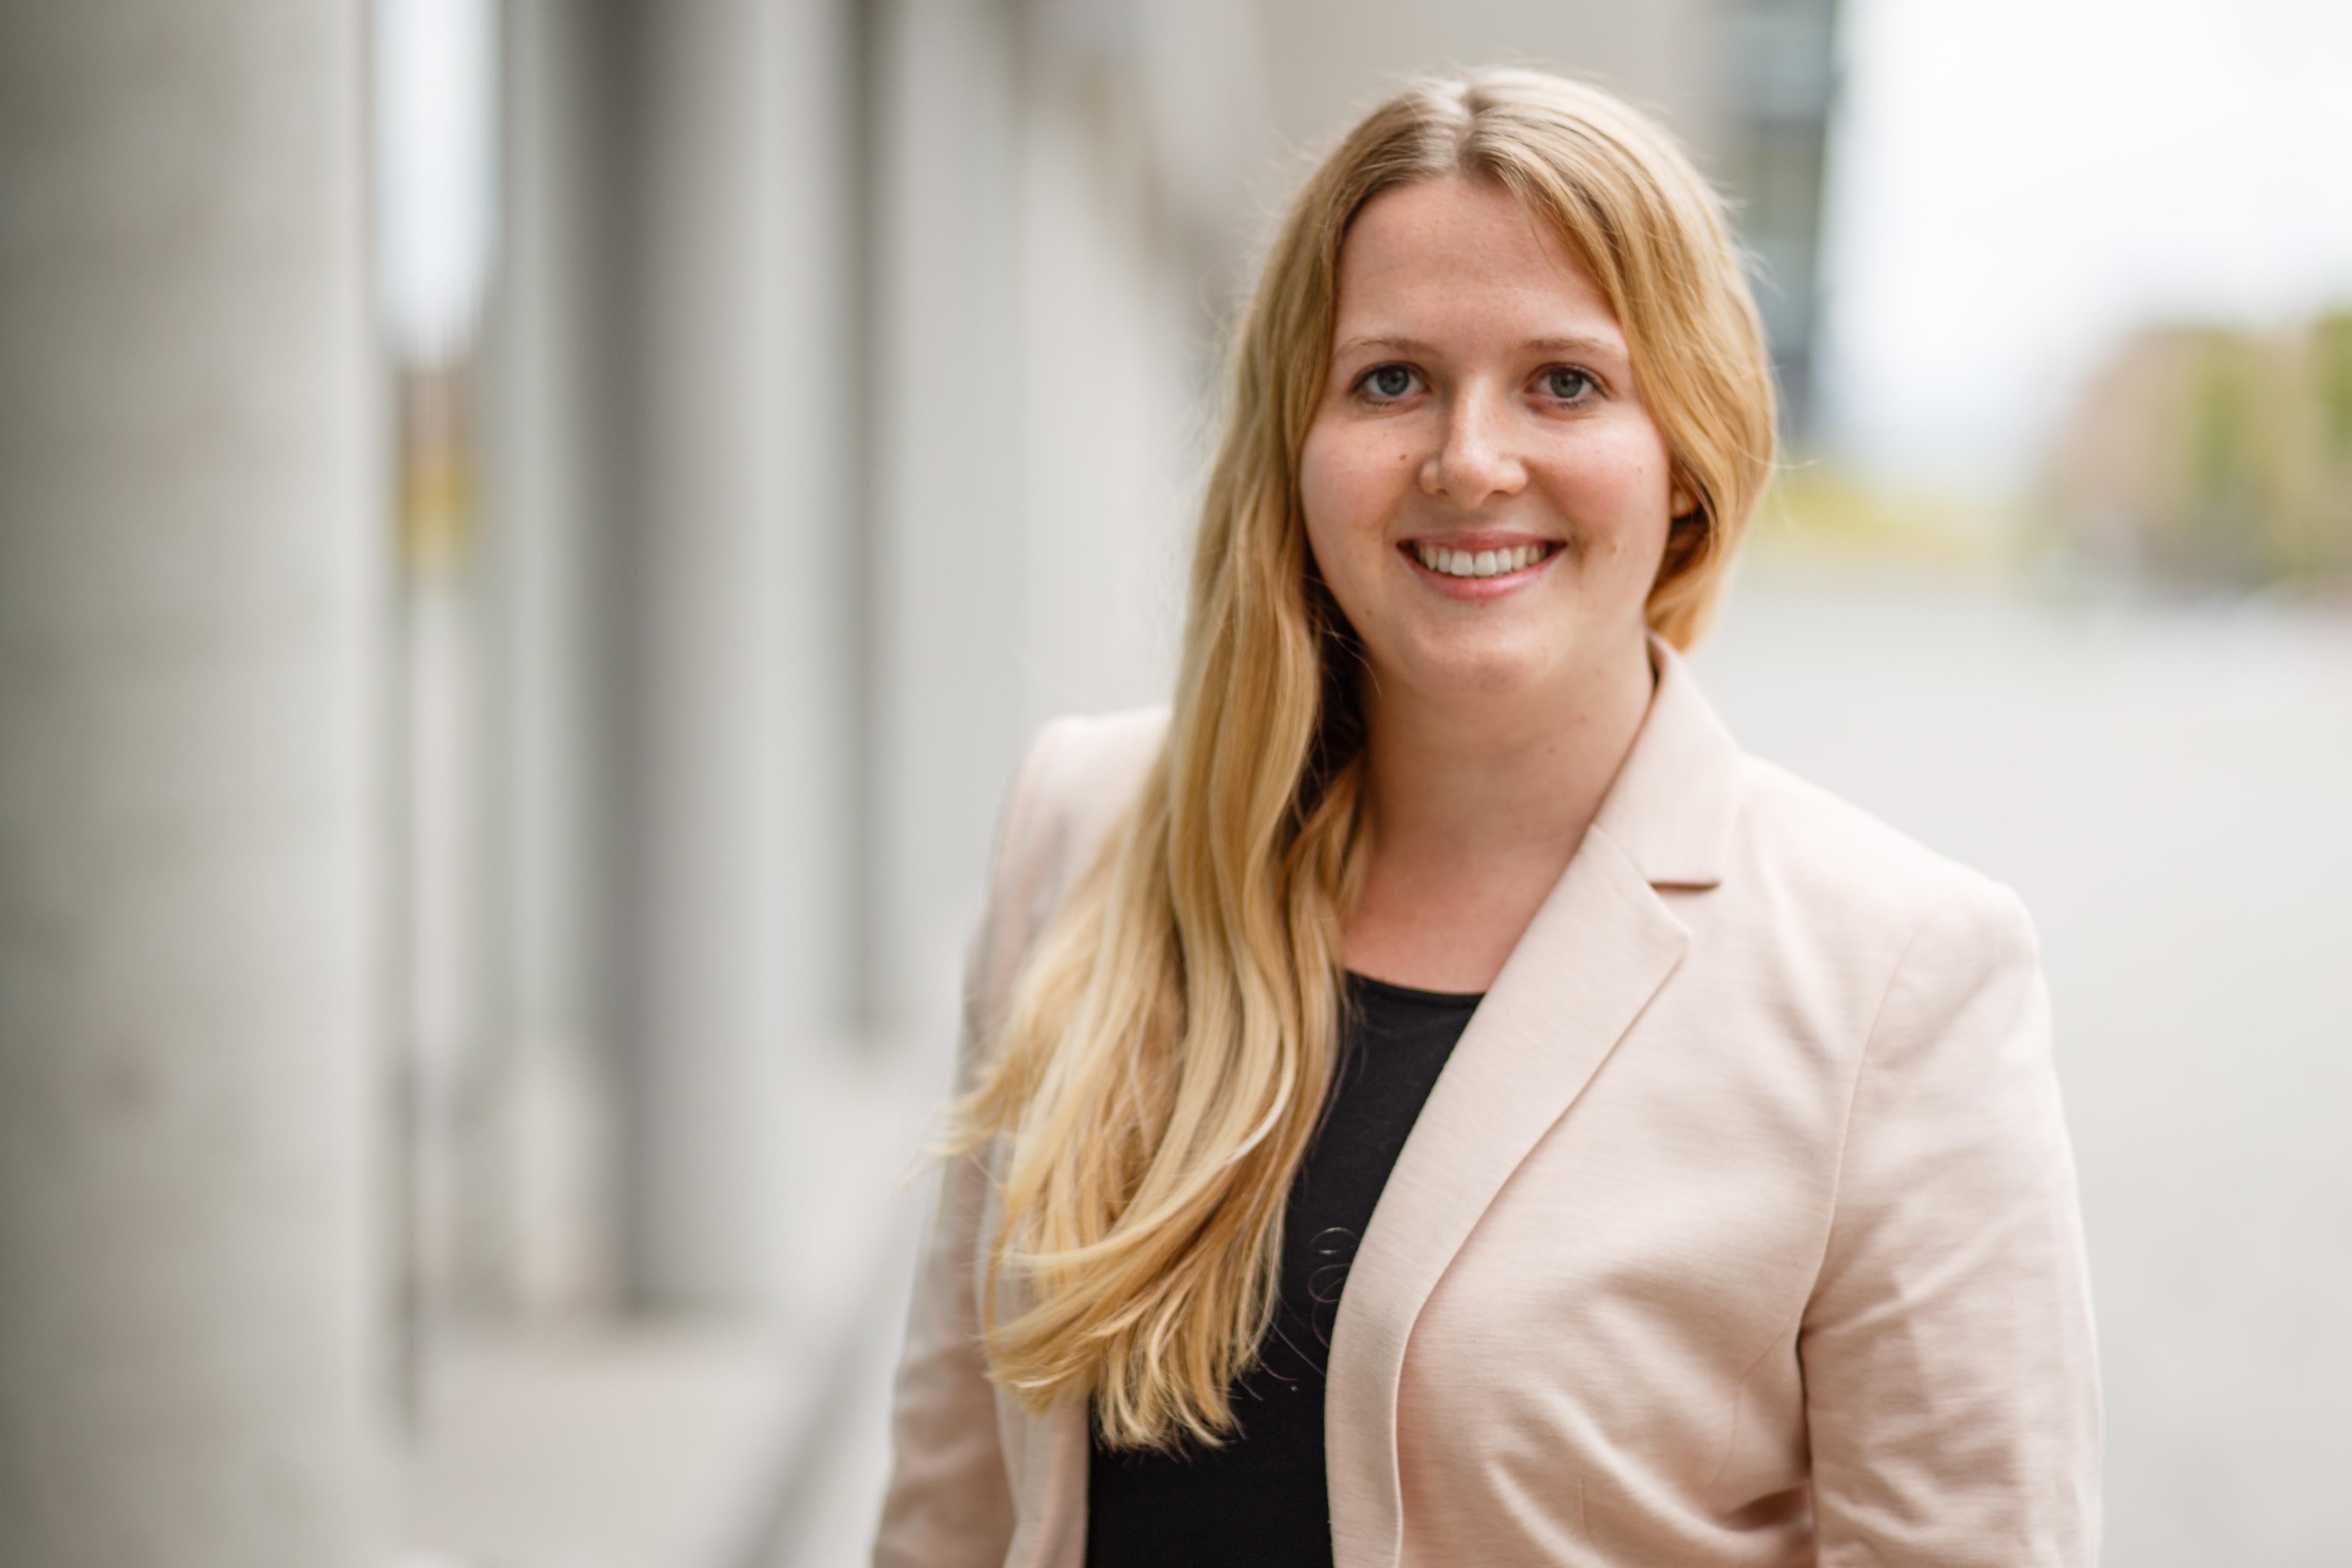 Fabienne Bosle, Leitung Presse- & Öffentlichkeitsarbeit. ©SmartFactoryKL/F.Mohr